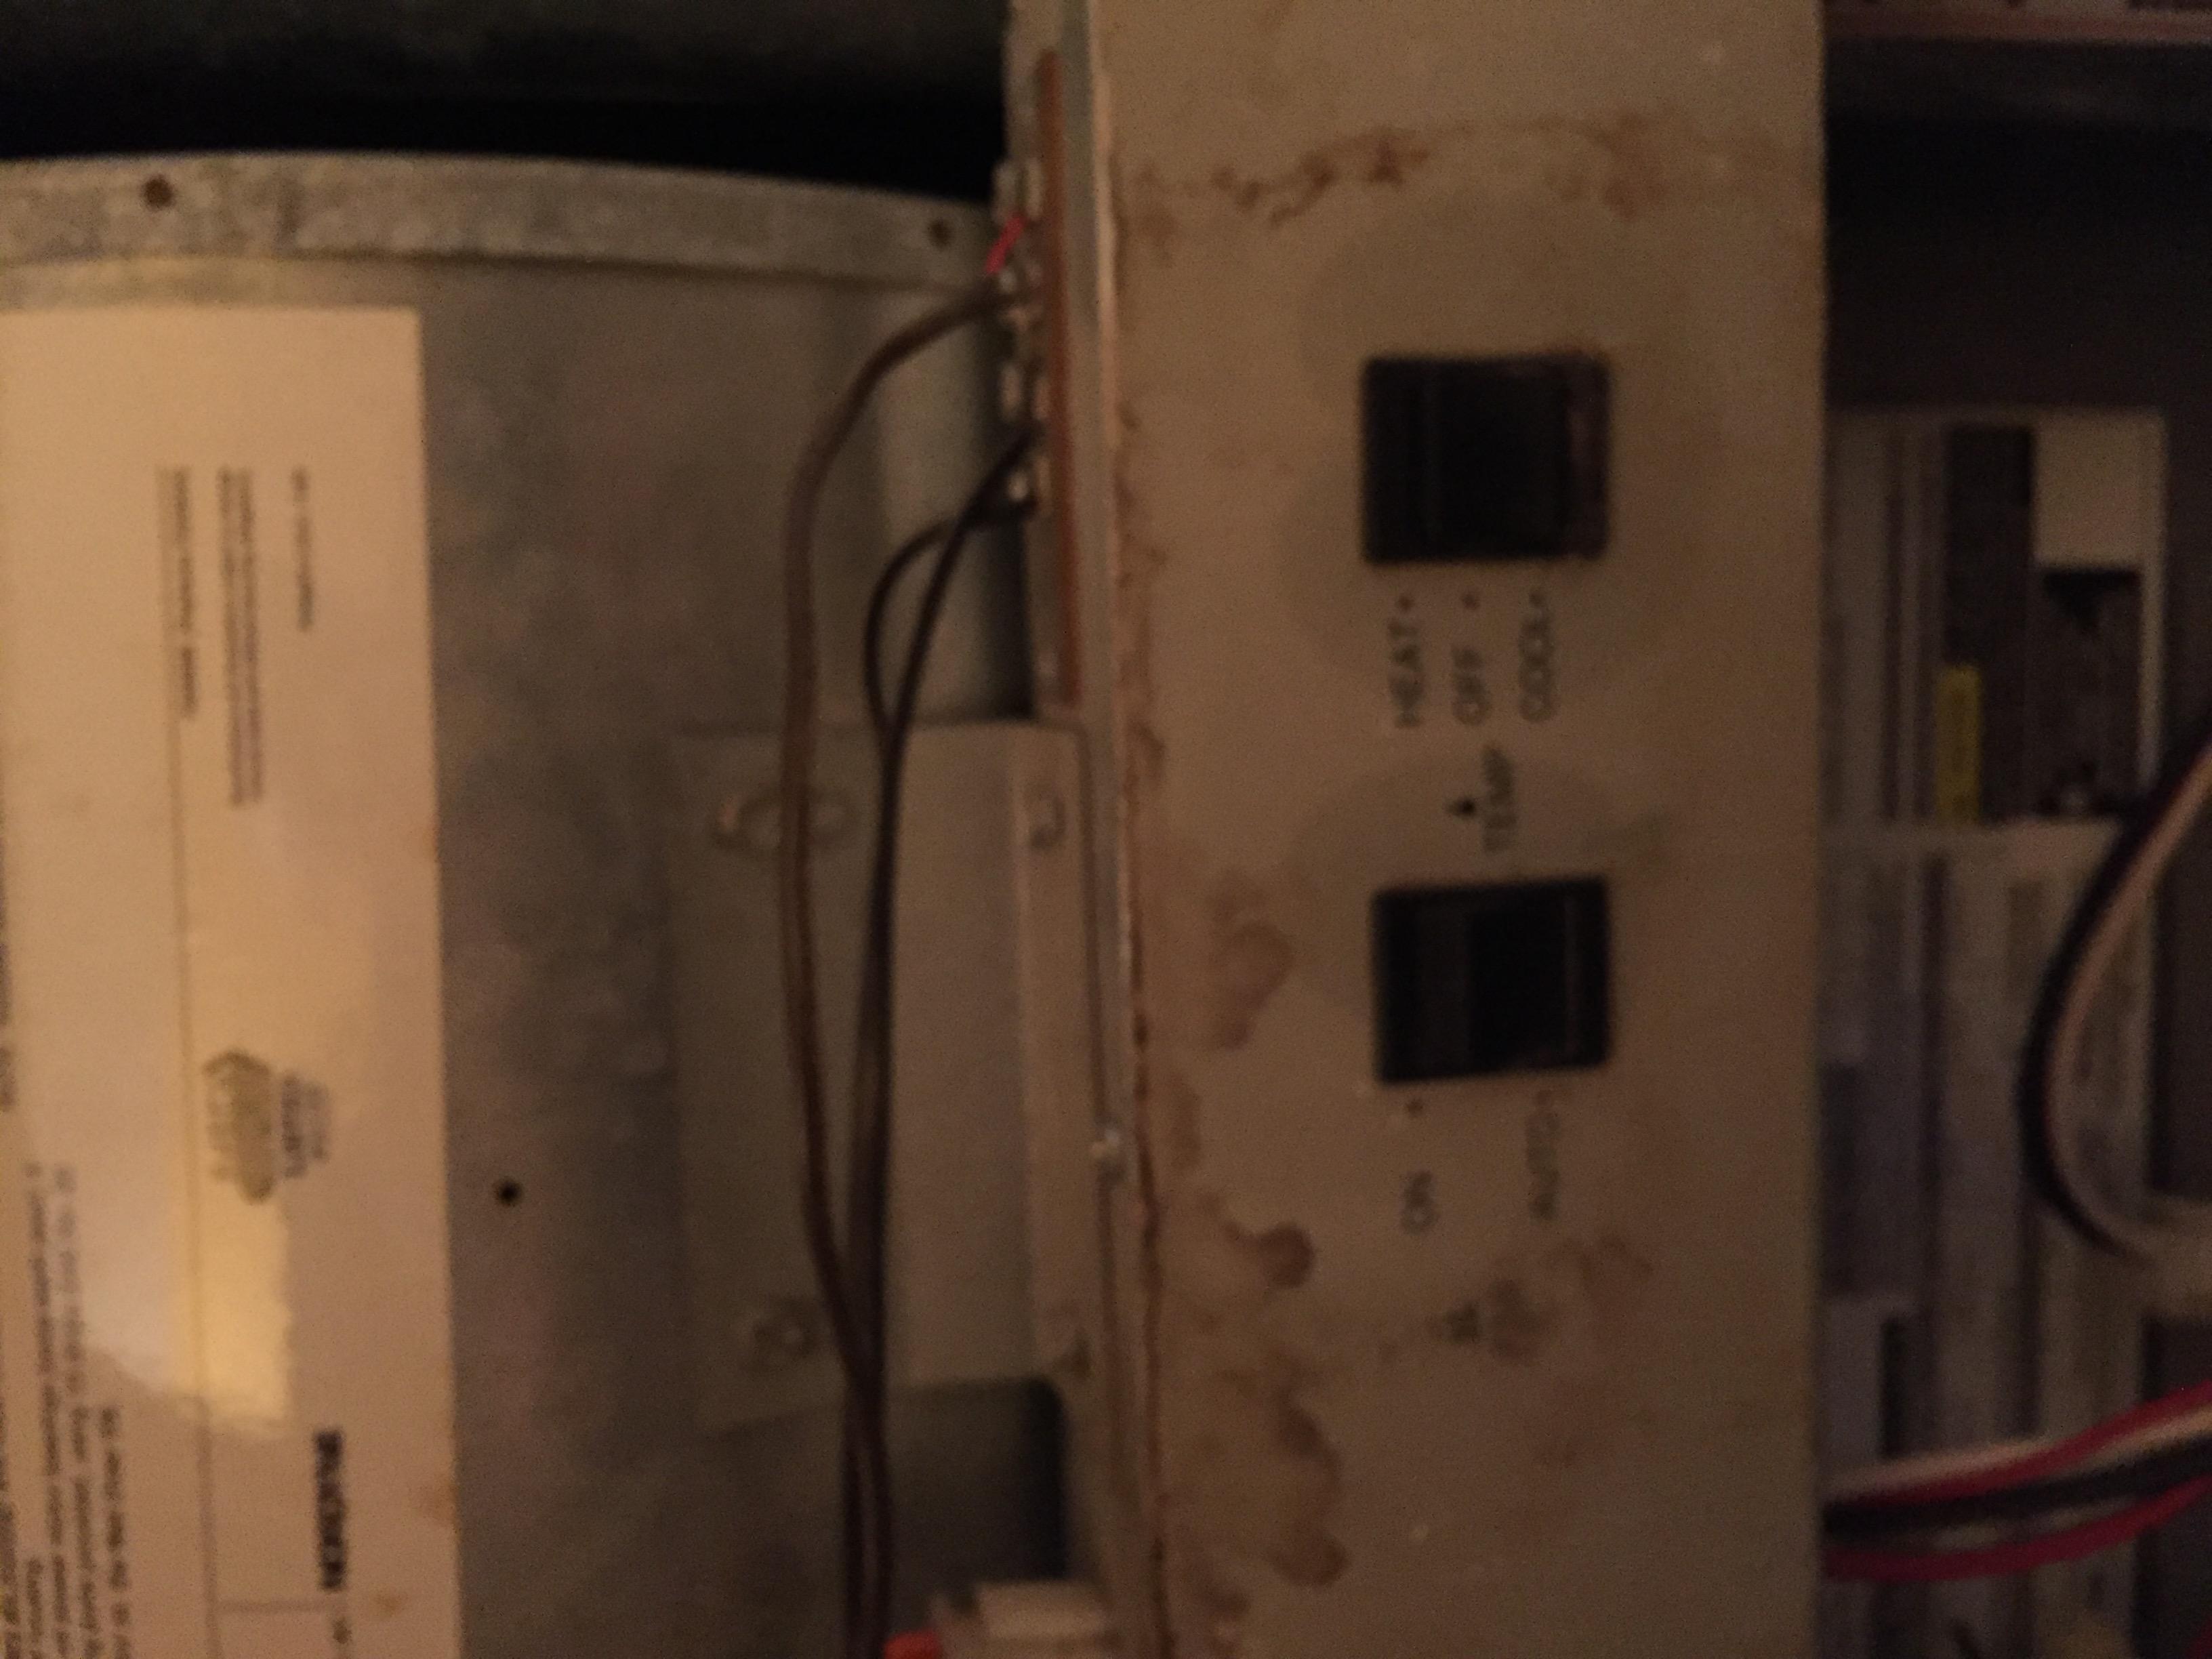 IMG_1103 Nordyne Gas Furnace Wire Diagram on pilot kit, m7rl, e3eb 010h, bruner chamber, m1mb056abw burner, air intake, mobile home oil, burnner chamber,